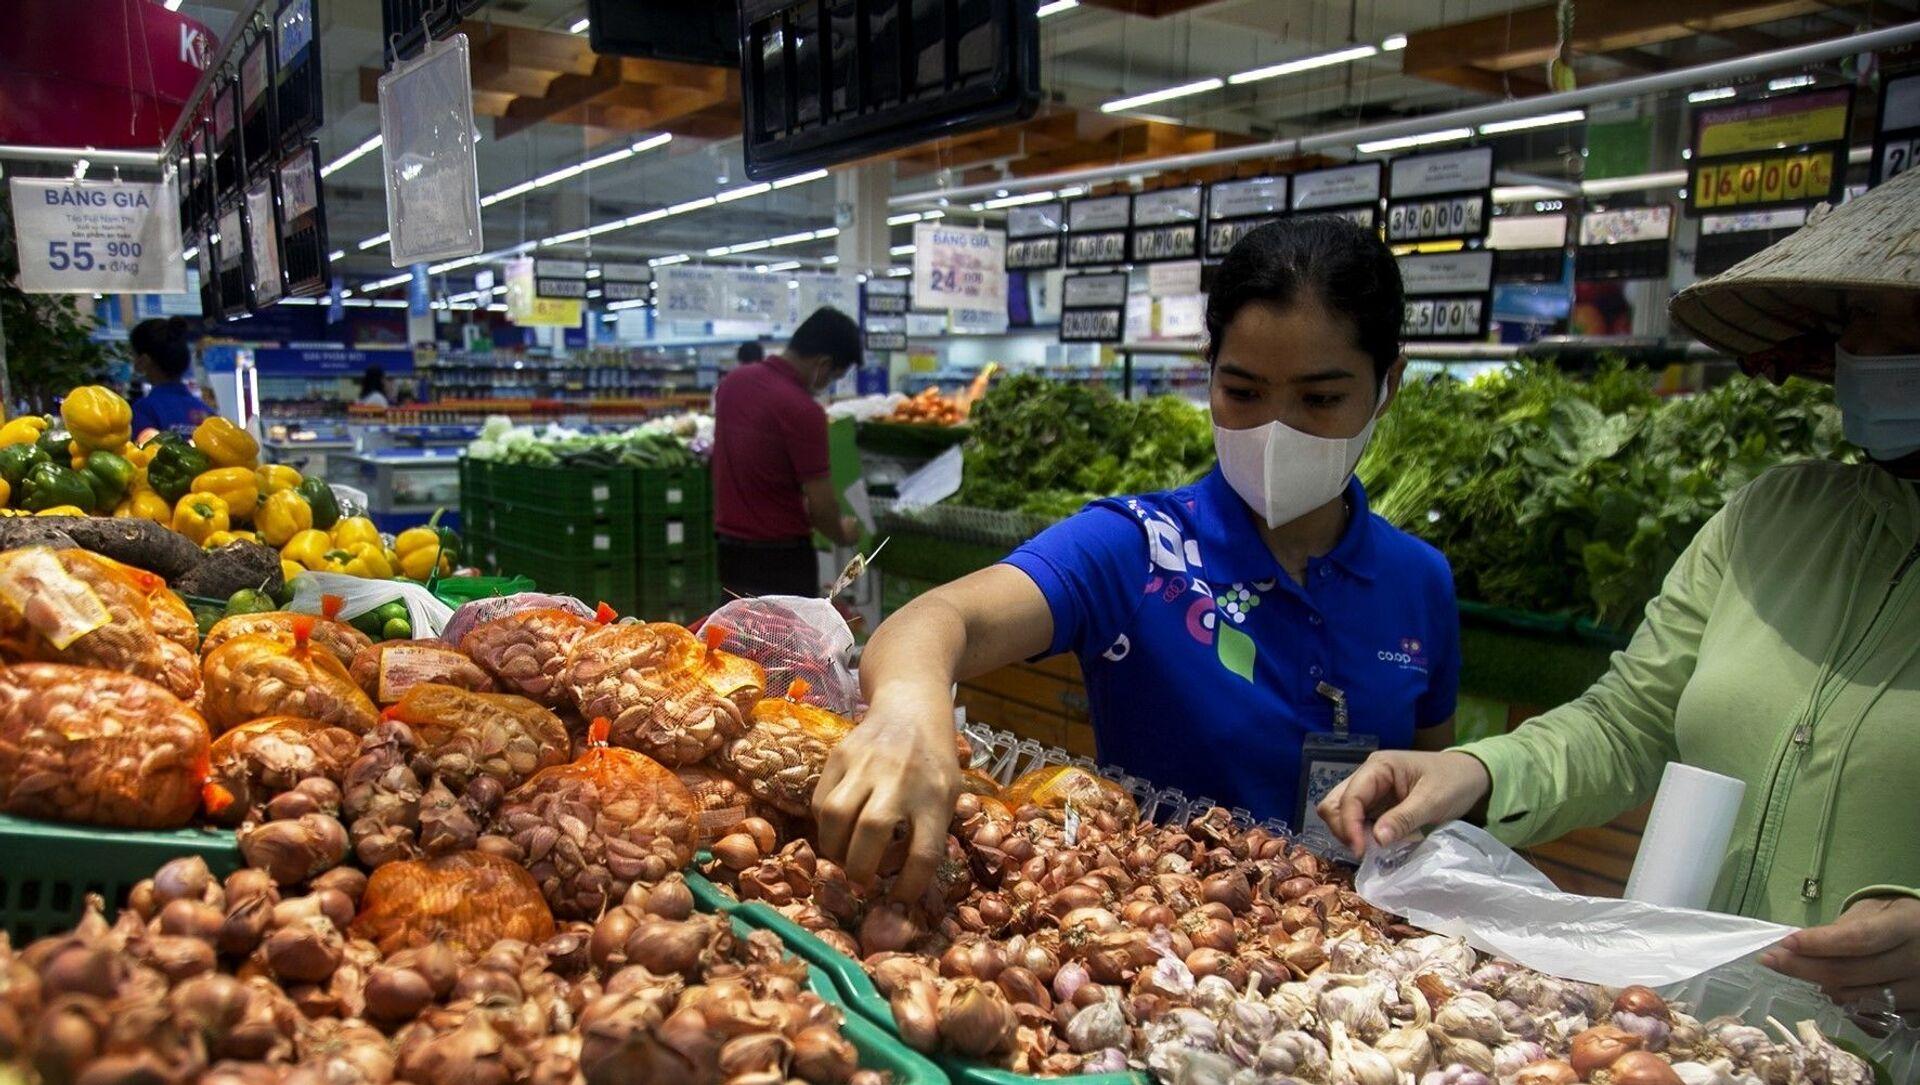 Nhân viên siêu thị Co.op Mart Rạch Giá lựa chọn đồ cho khách đặt hàng trực tuyến. - Sputnik Việt Nam, 1920, 27.09.2021